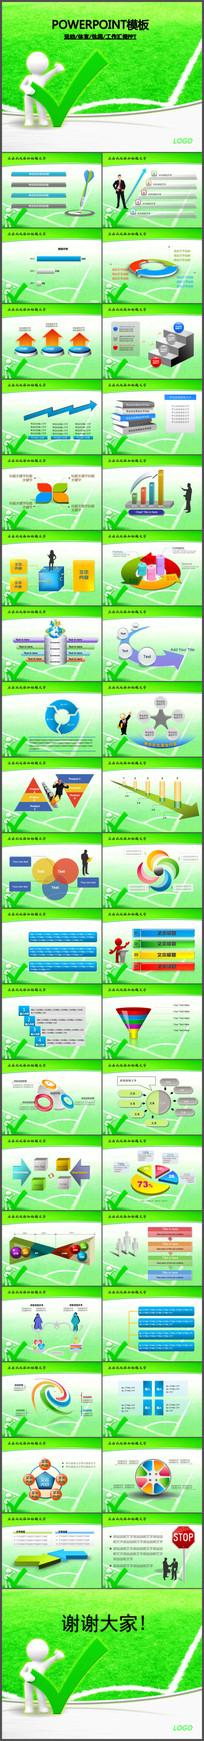 运动风格绿色PPT动态模板